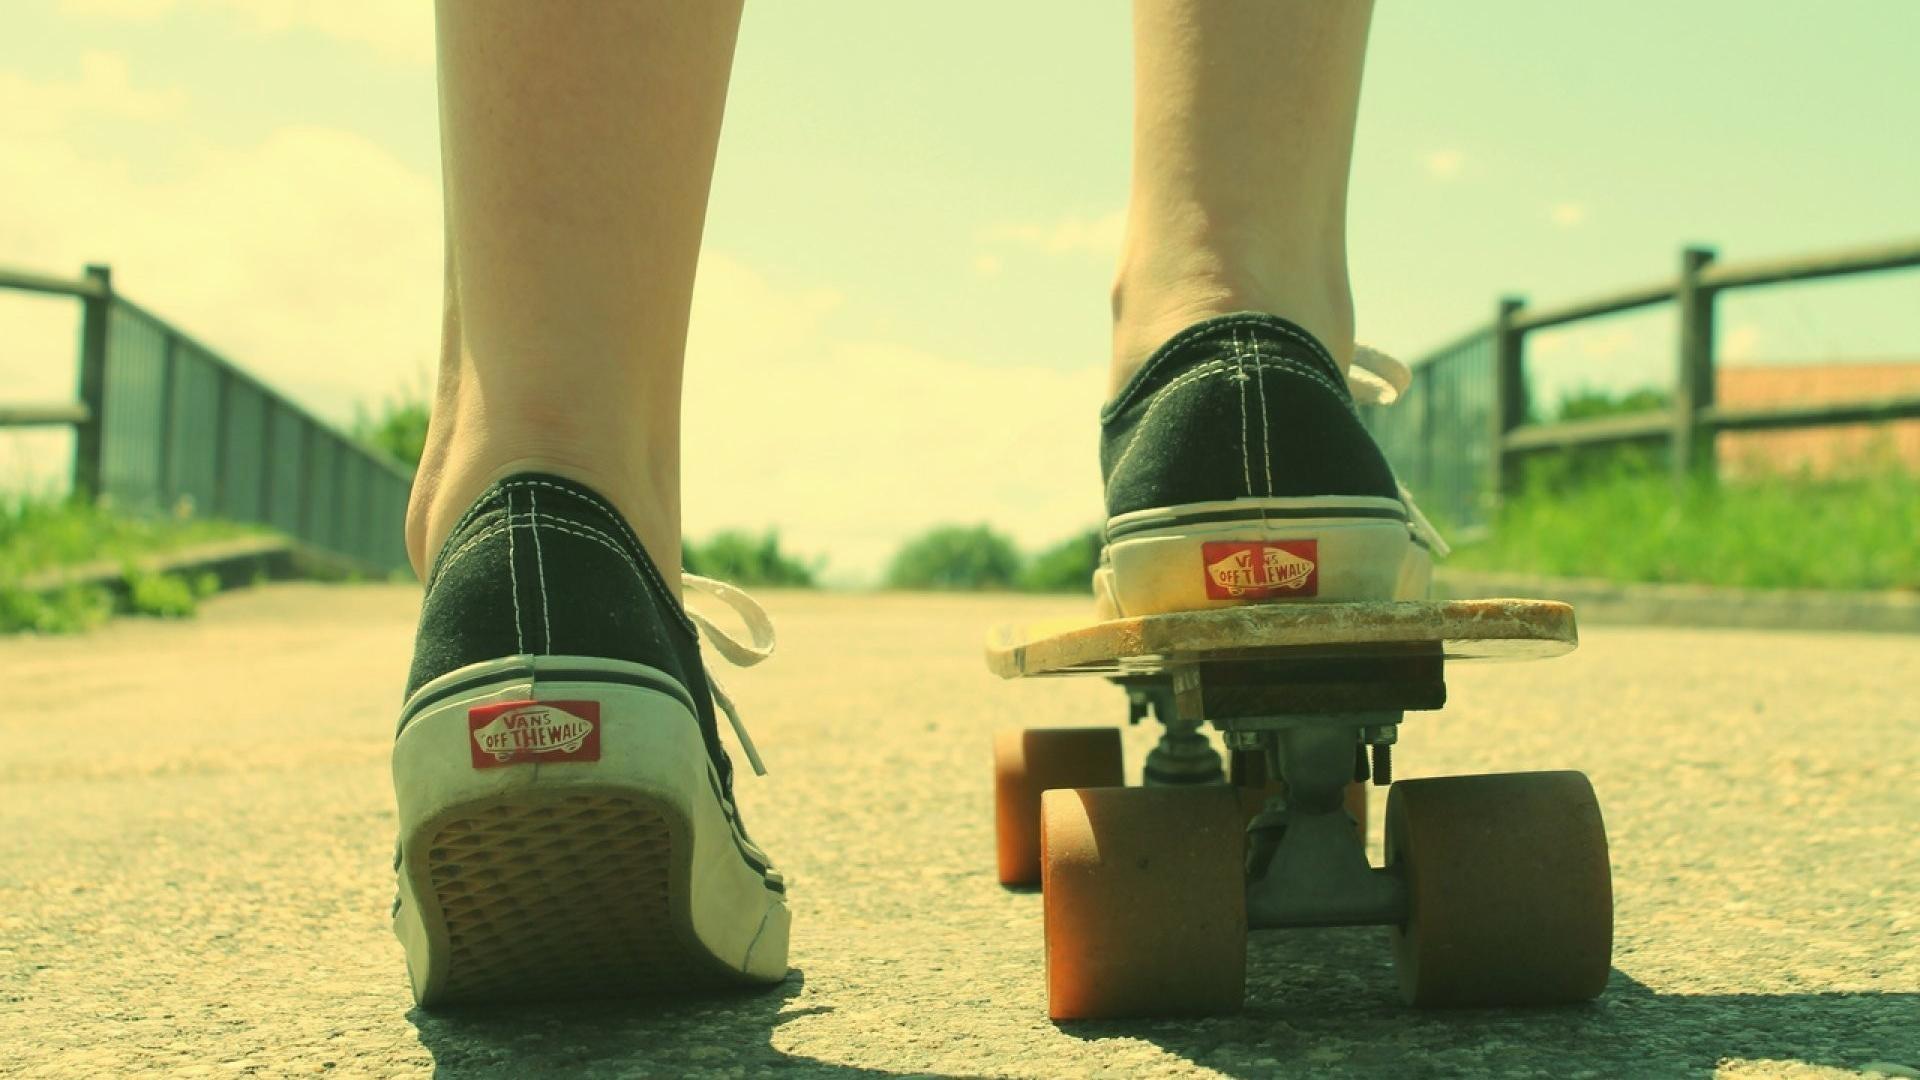 Skate Girl Wallpaper Iphone Vans Wallpaper Iphone Hd 61 Images